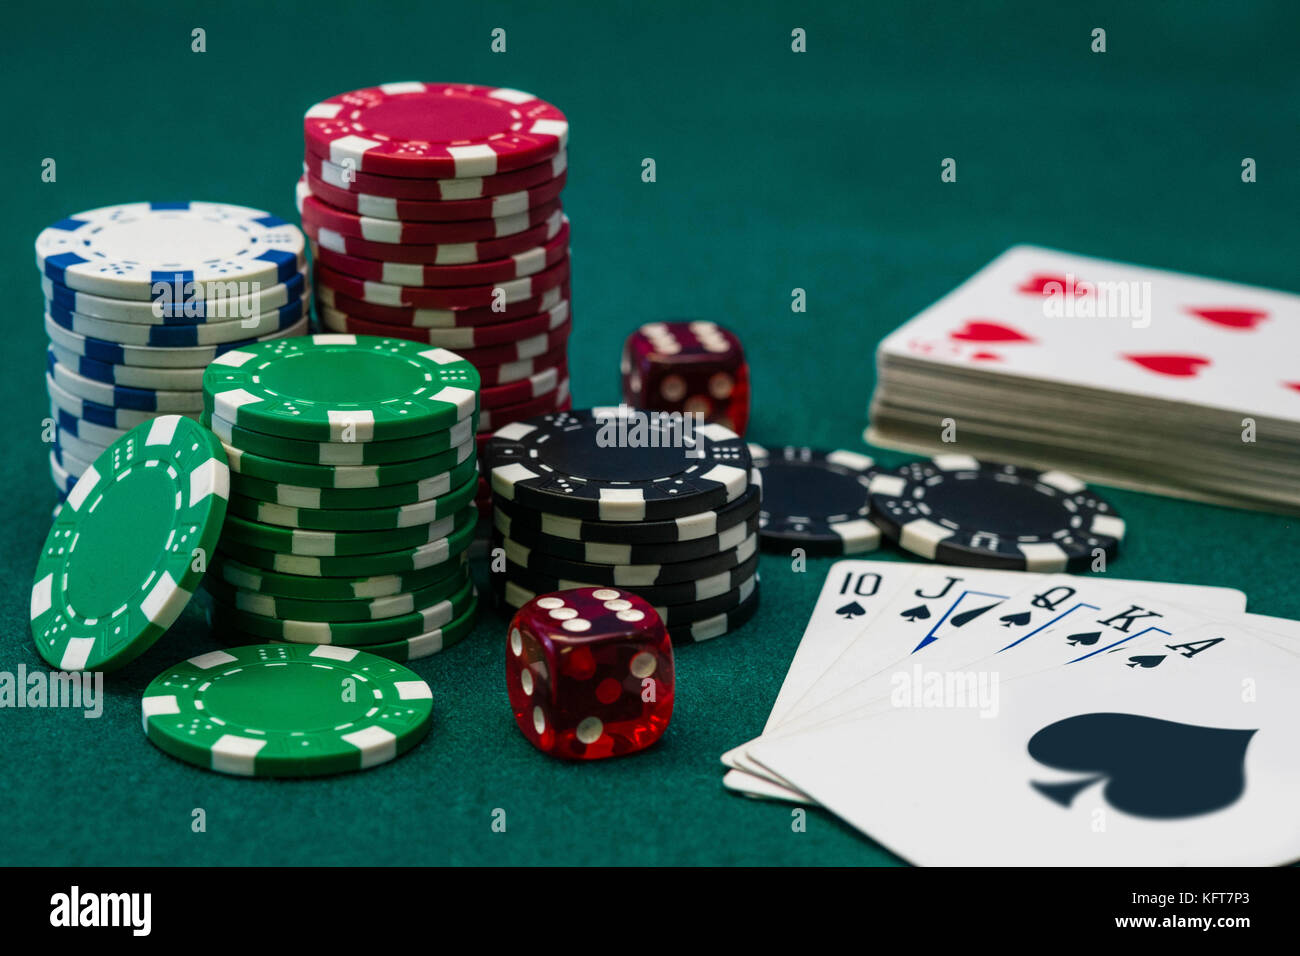 New casino online playtech guitar